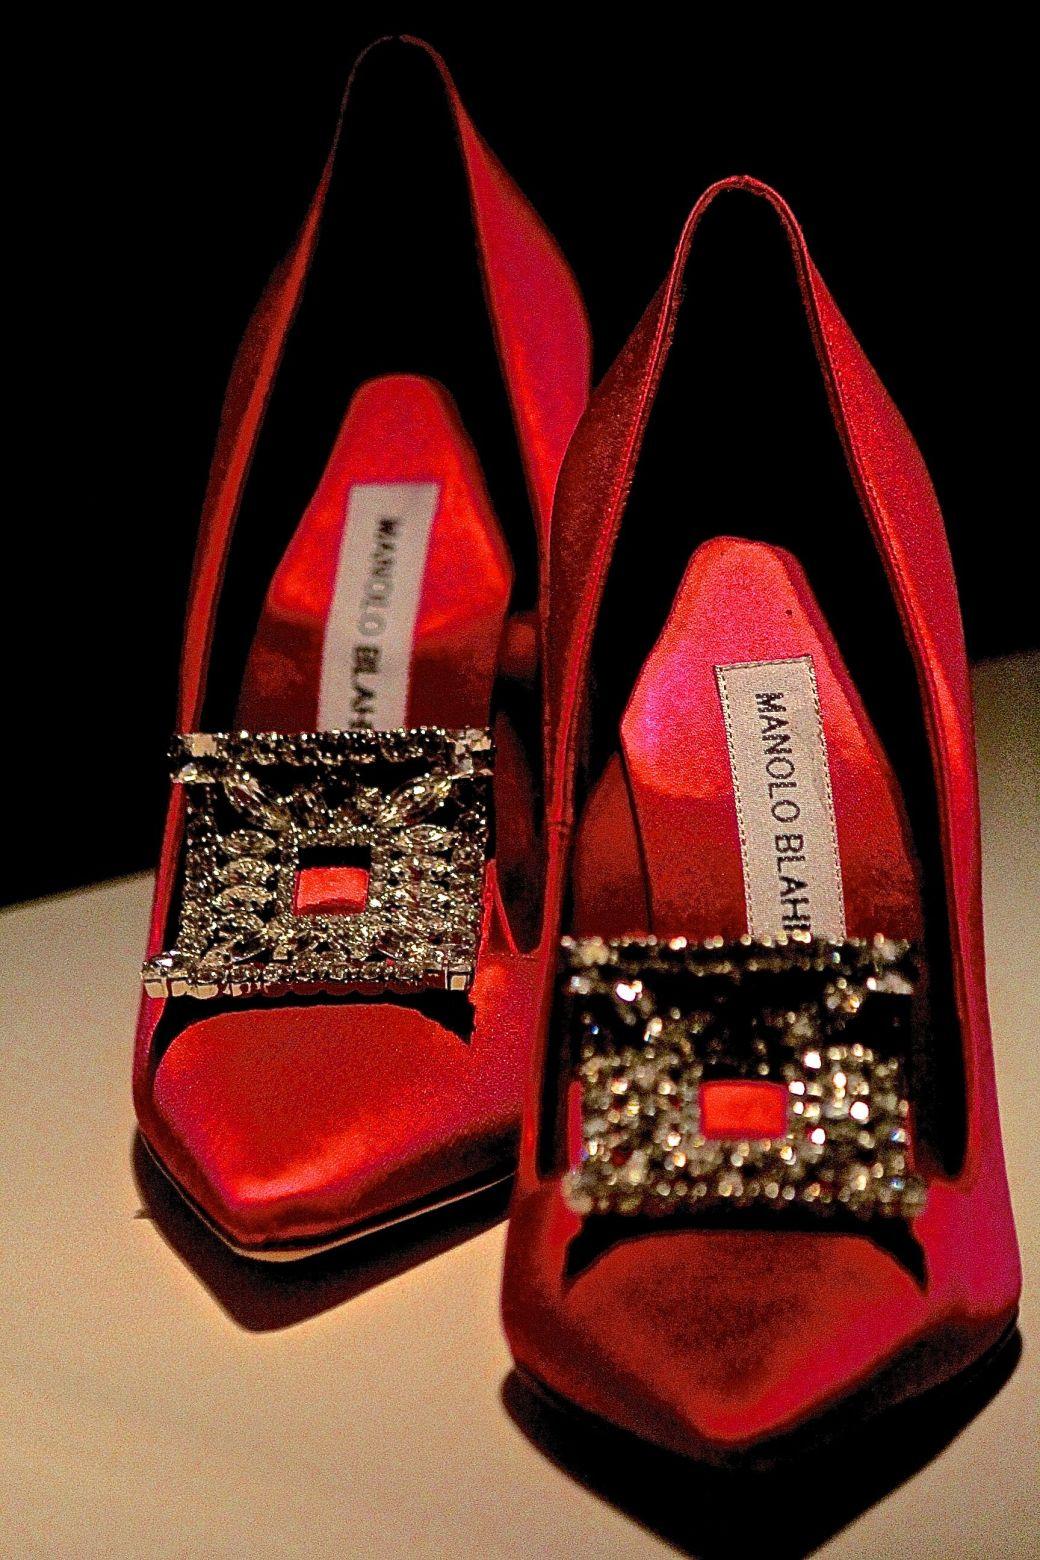 salem-peabody-essex-shoe-exhibit-16